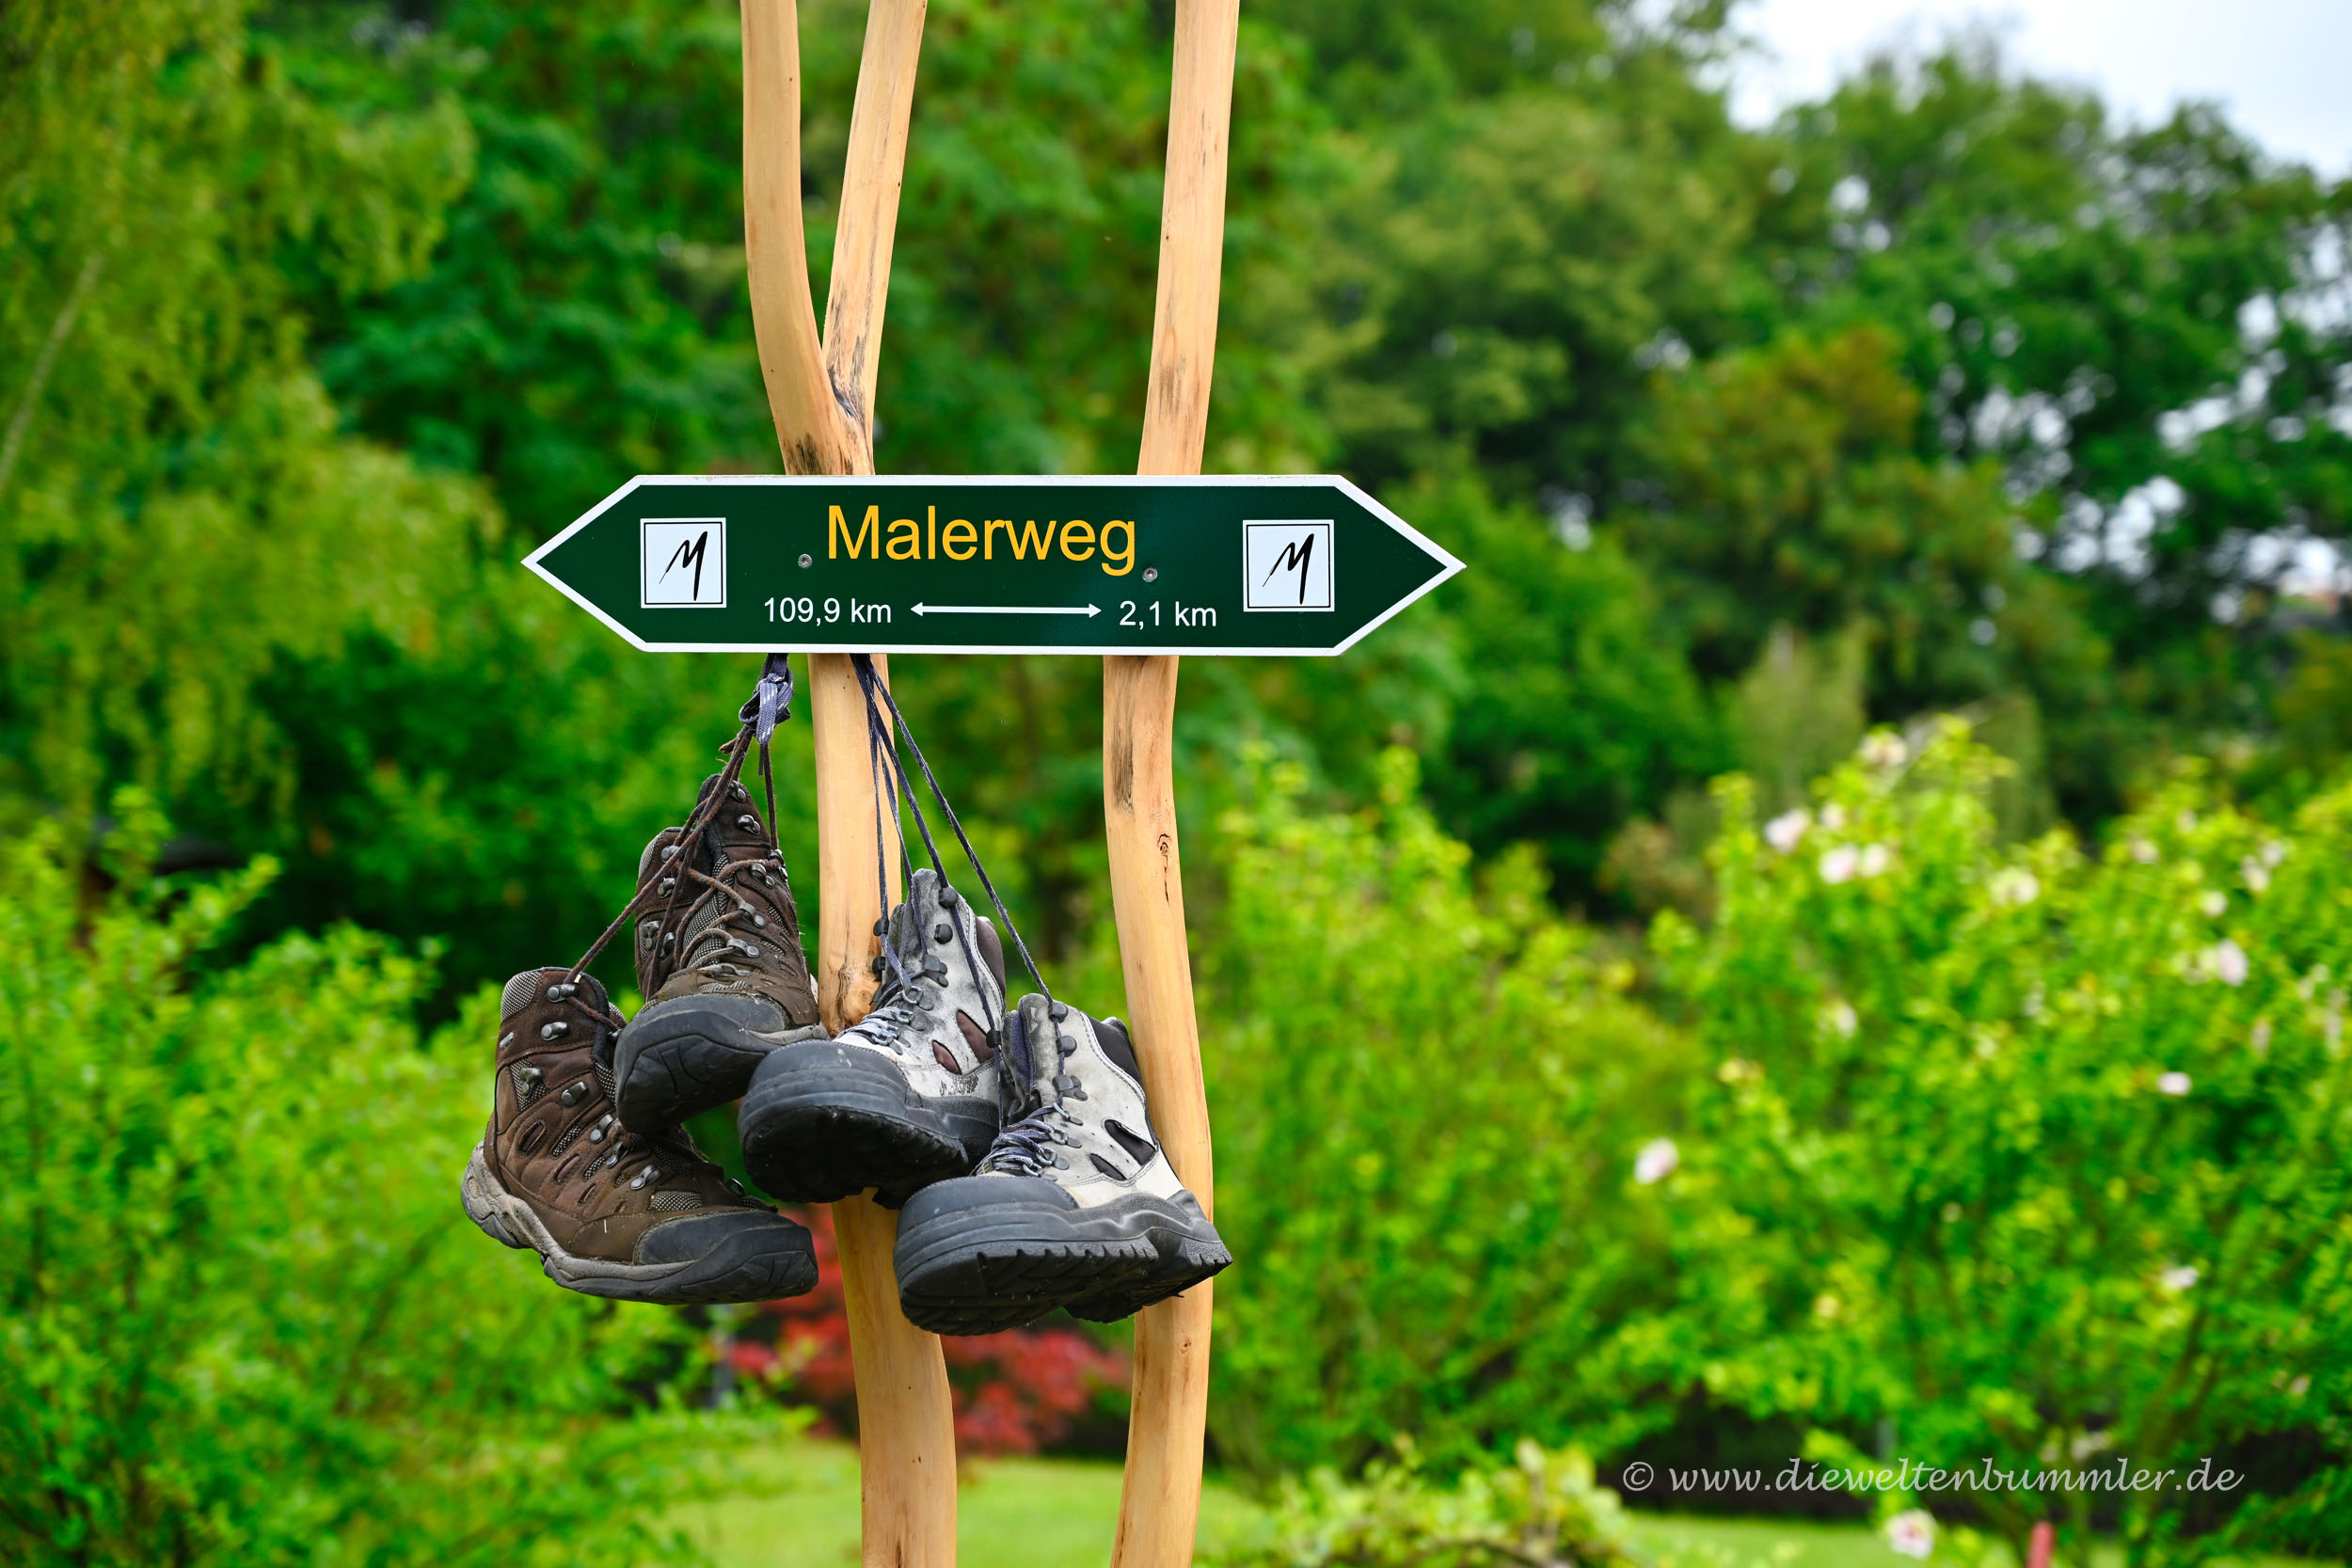 Malerweg